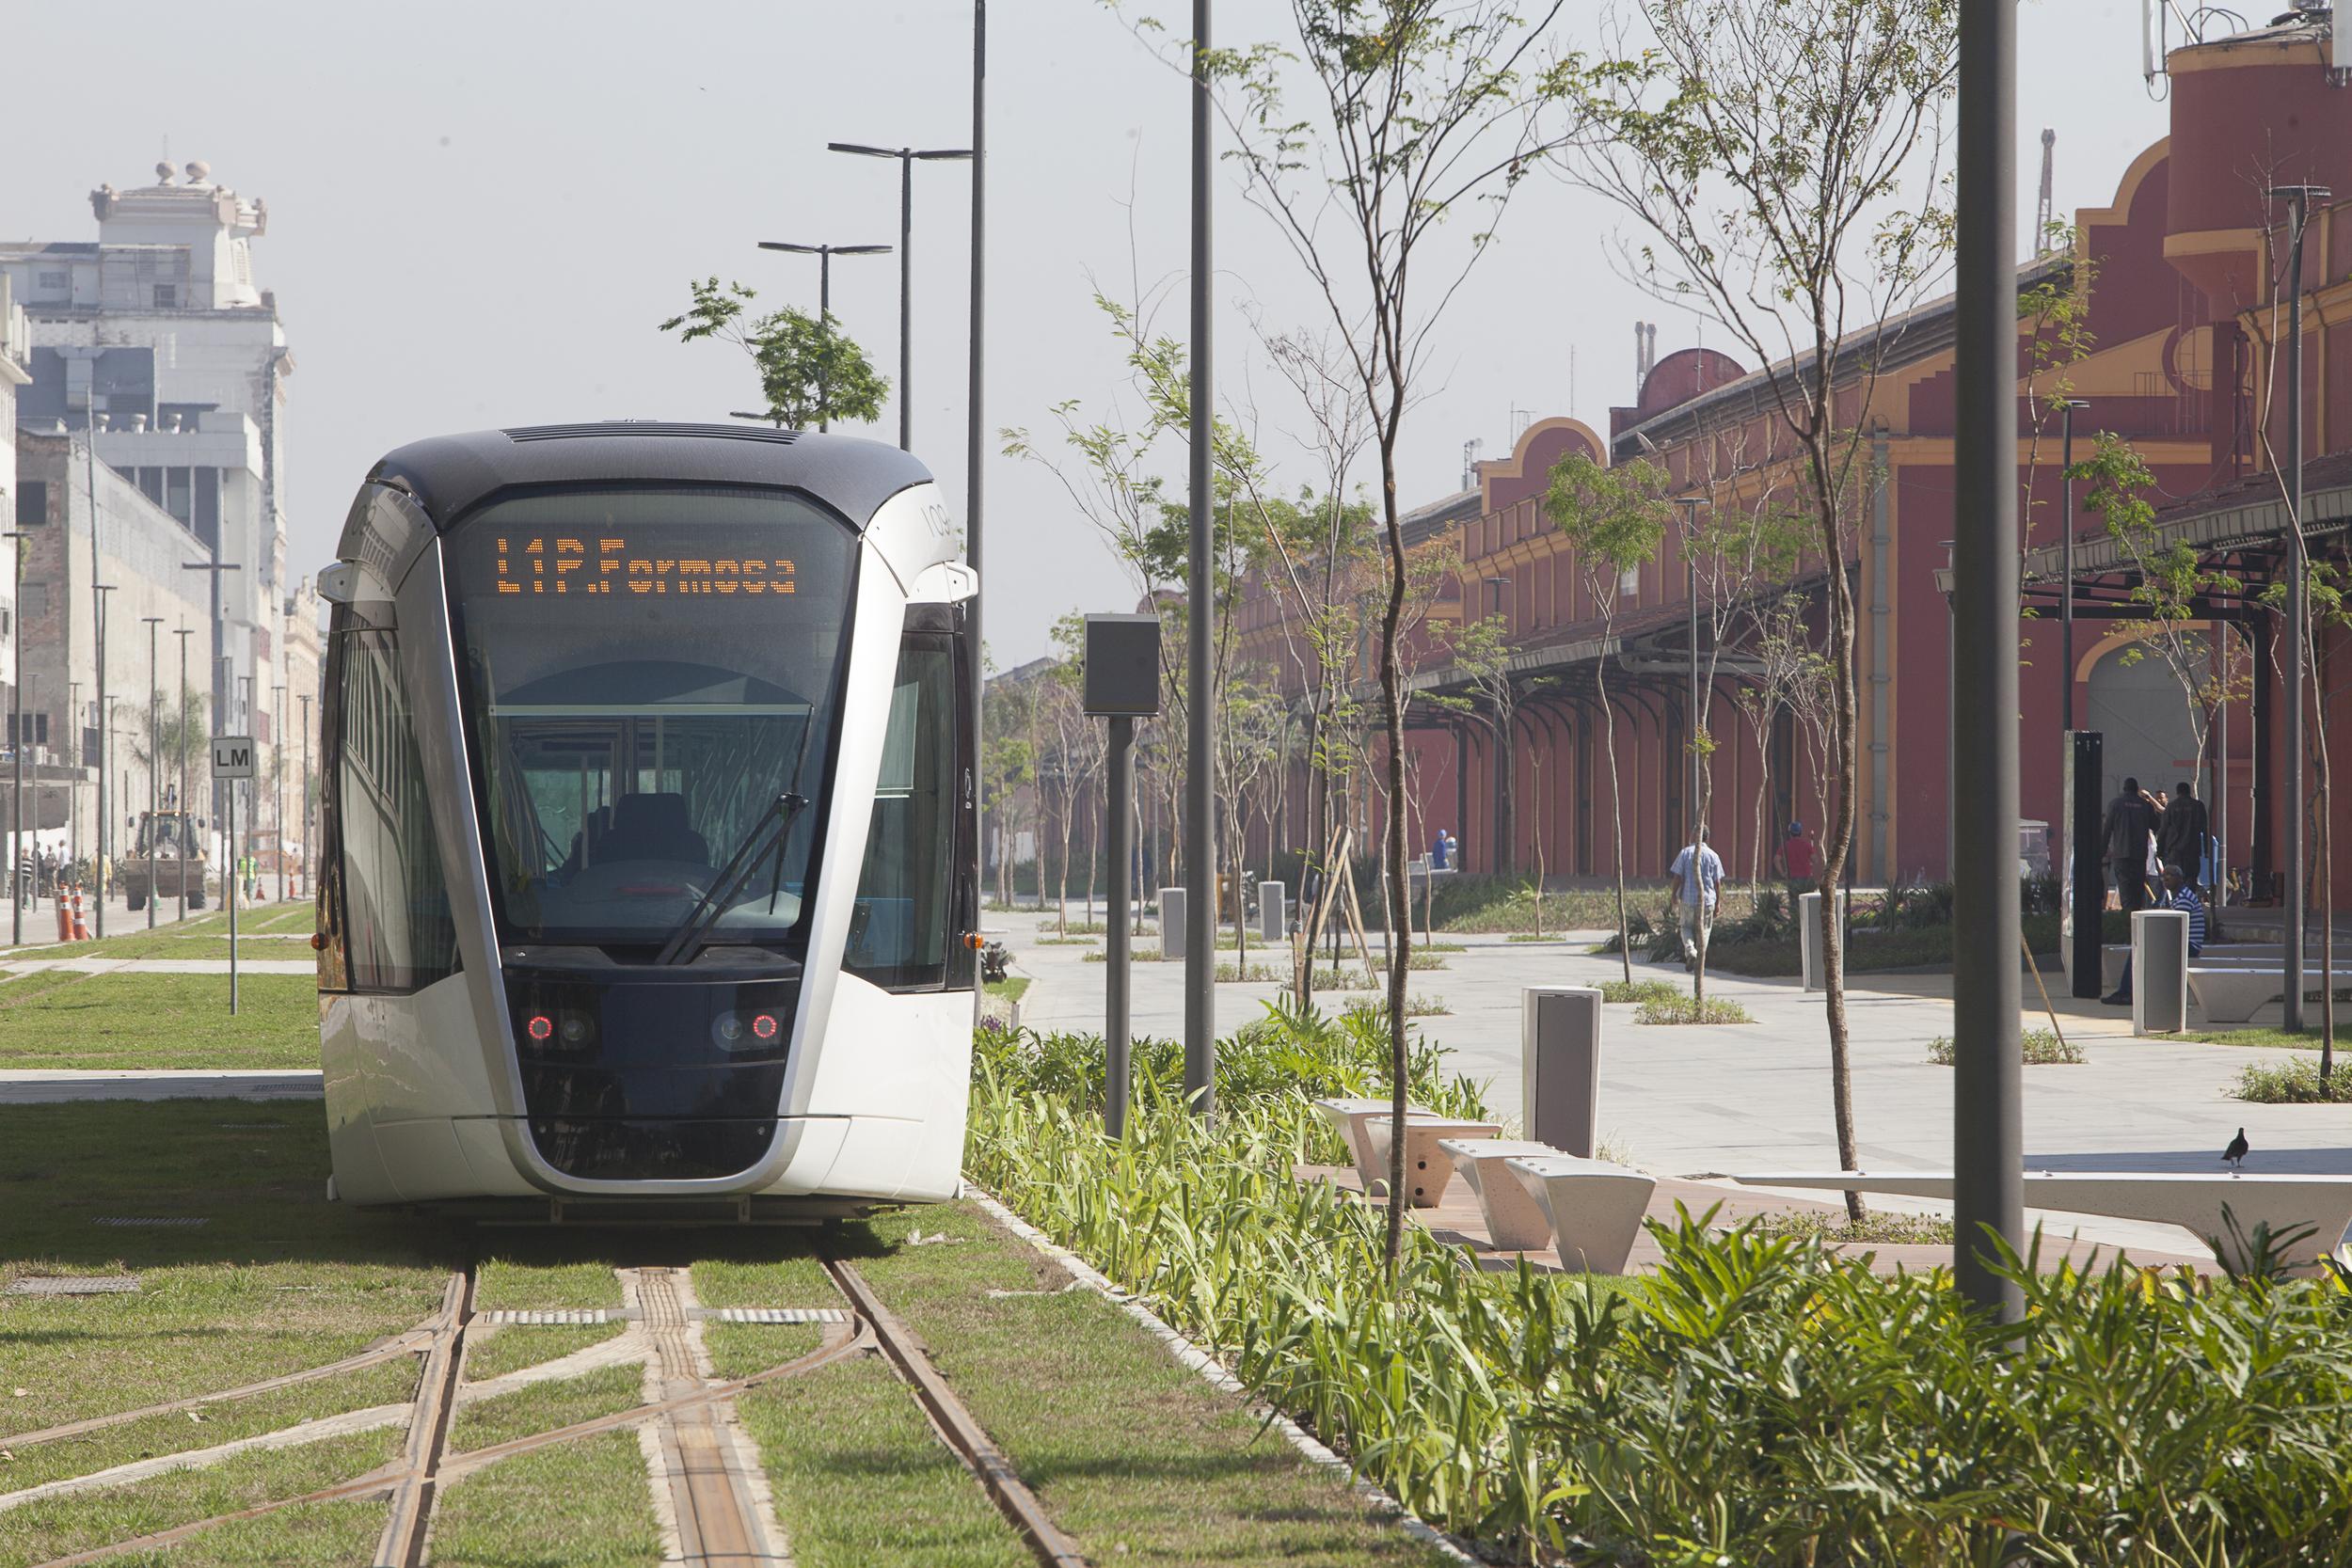 Tramvaj Alstom Citadis v ulicích Rio de Janeira. (foto: Alstom)